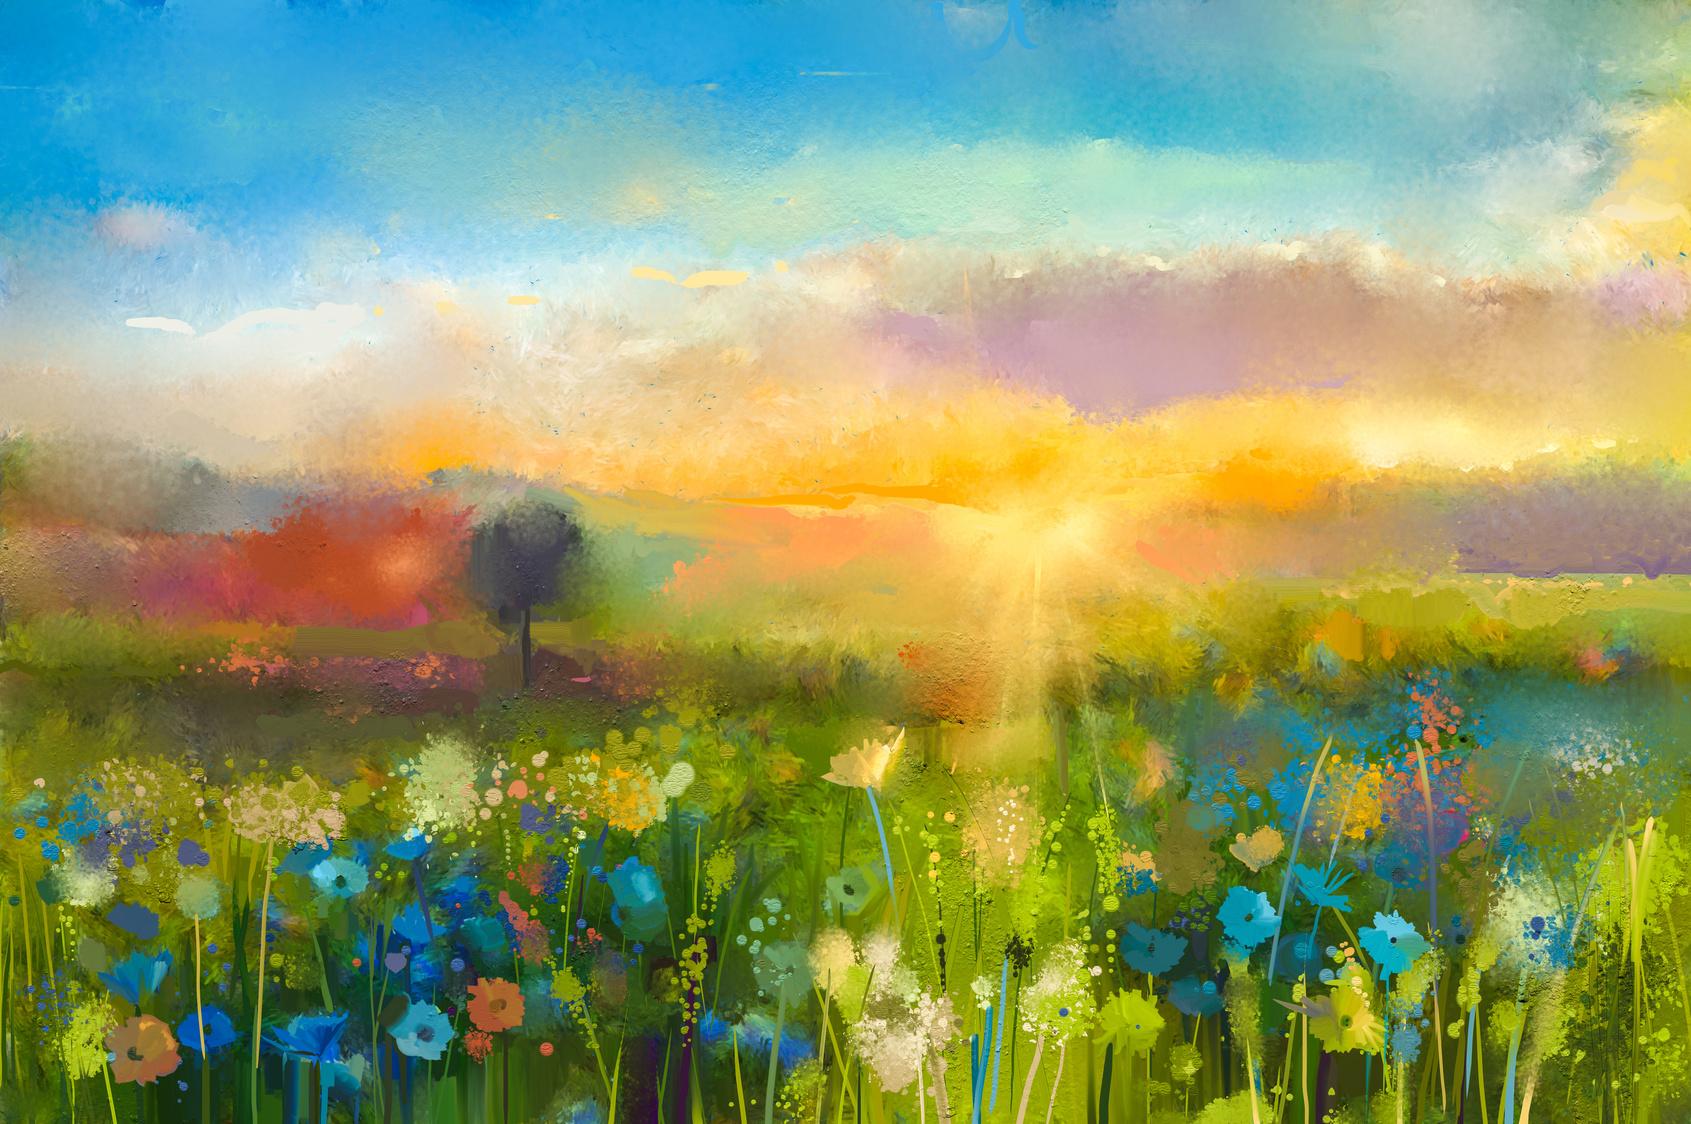 Ölgemälde blüht Löwenzahn, Kornblume, Gänseblümchen auf den Gebieten. Sonnenuntergangwiesenlandschaft mit Wildflower, Hügel und Himmel im orange und blauen Farbhintergrund. Hand Paint Sommer floral impressionistischen Stil